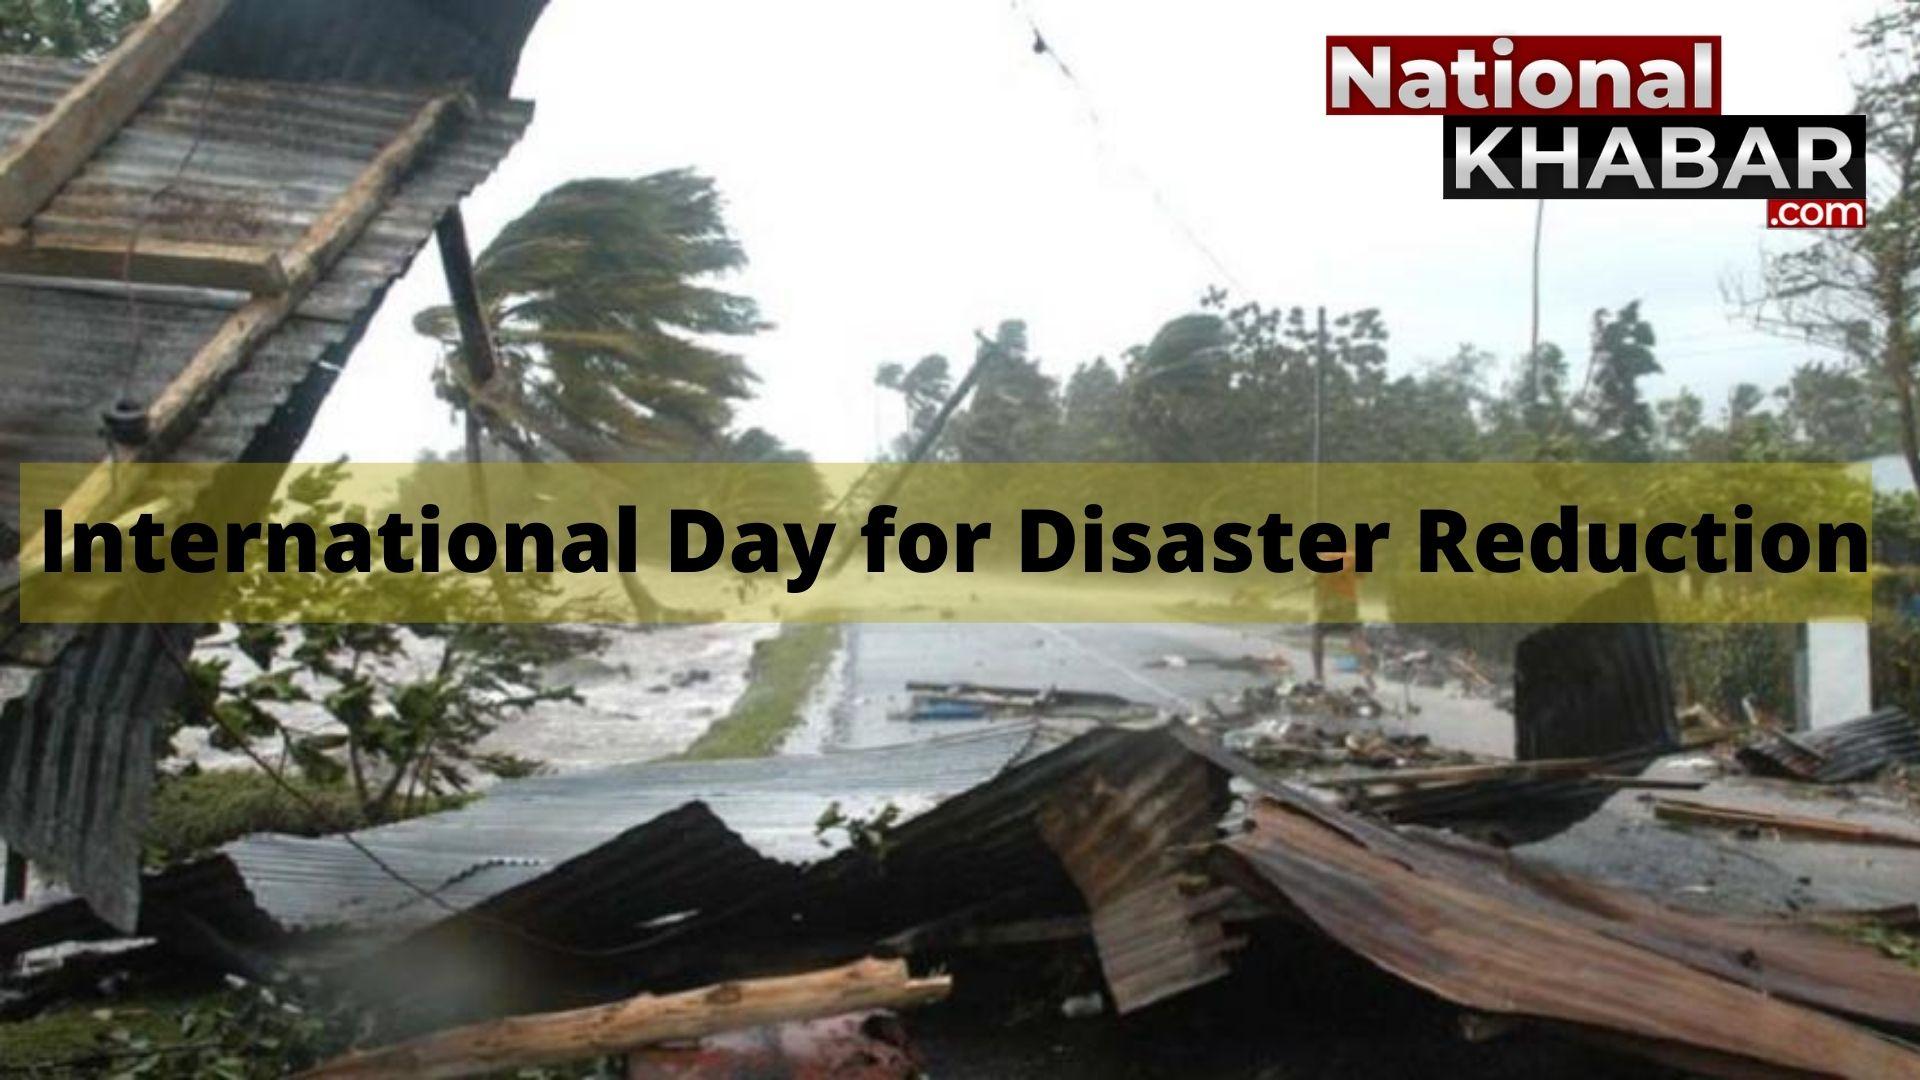 International Day for Disaster Reduction: जानिए क्यों मनाया जाता है ये दिन